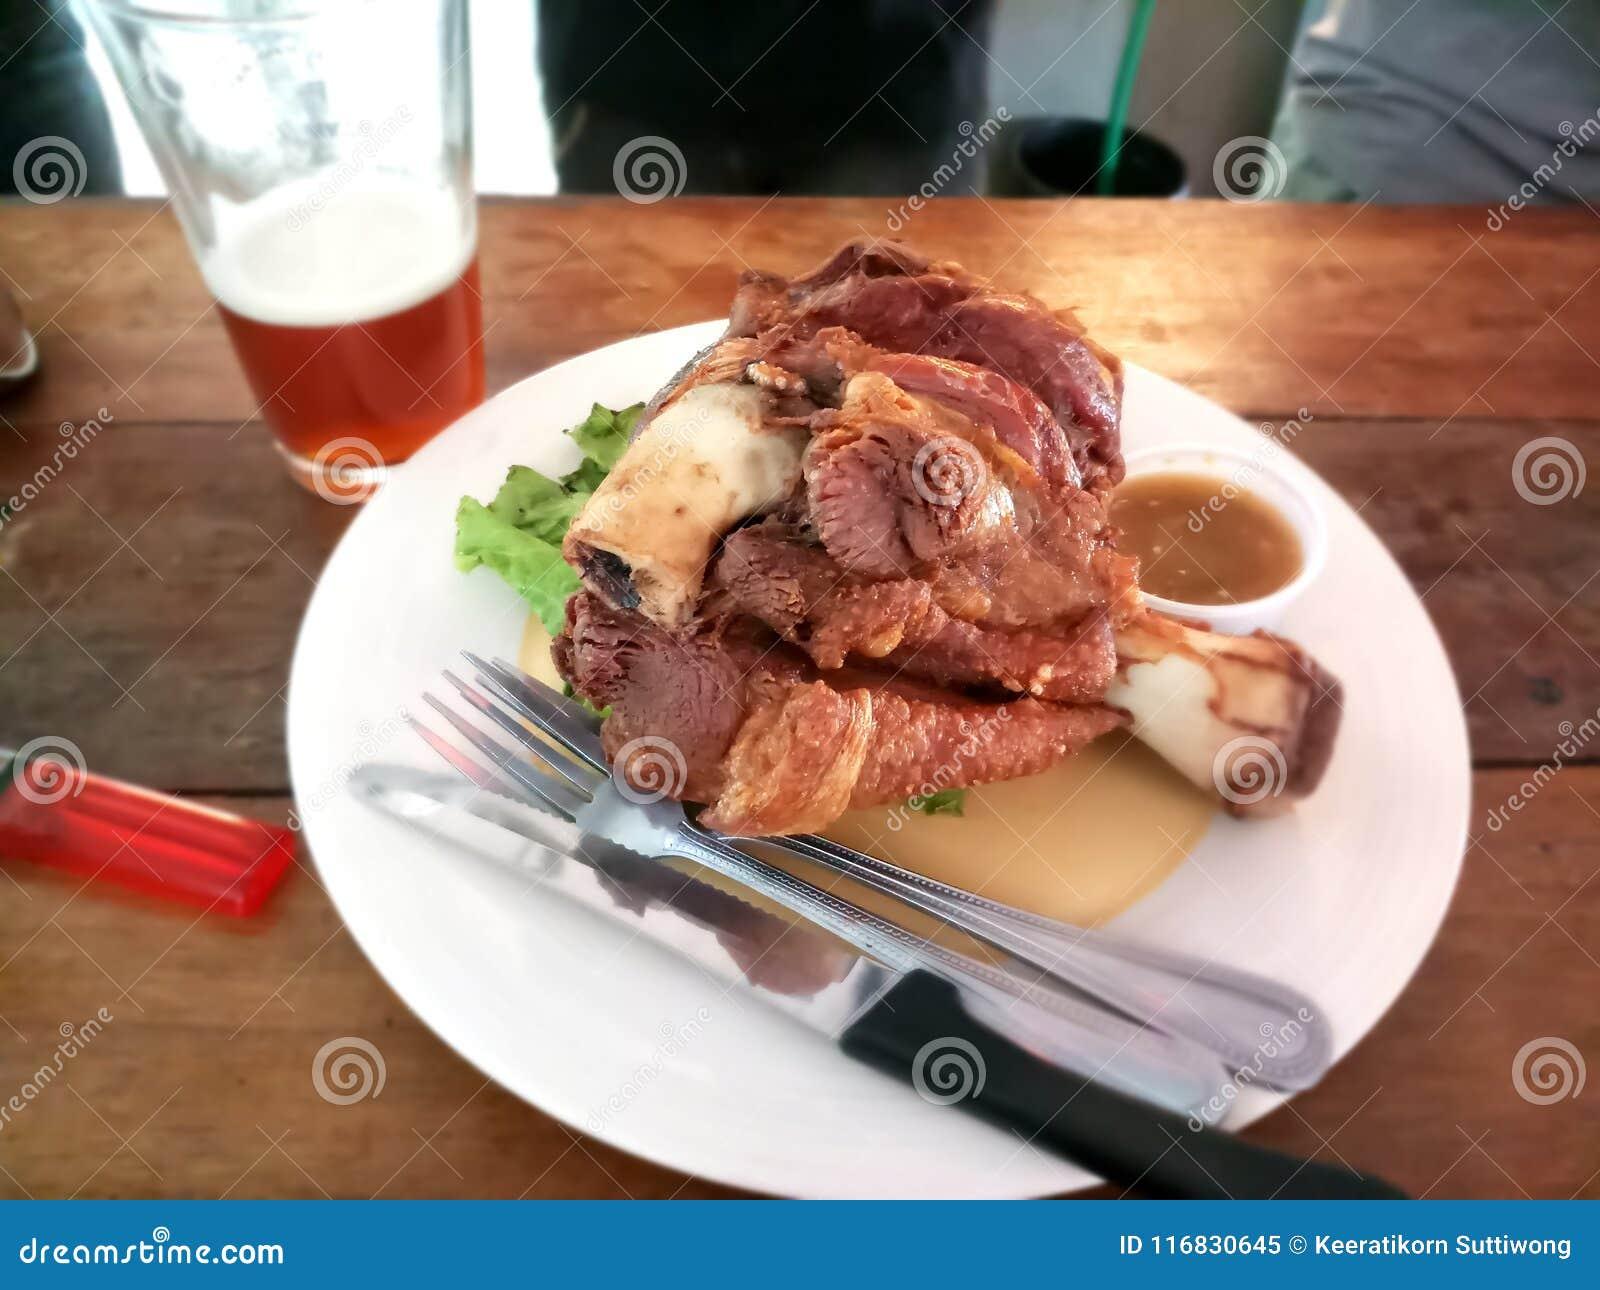 Pork knuckle or Deep fried pork leg with craft beer